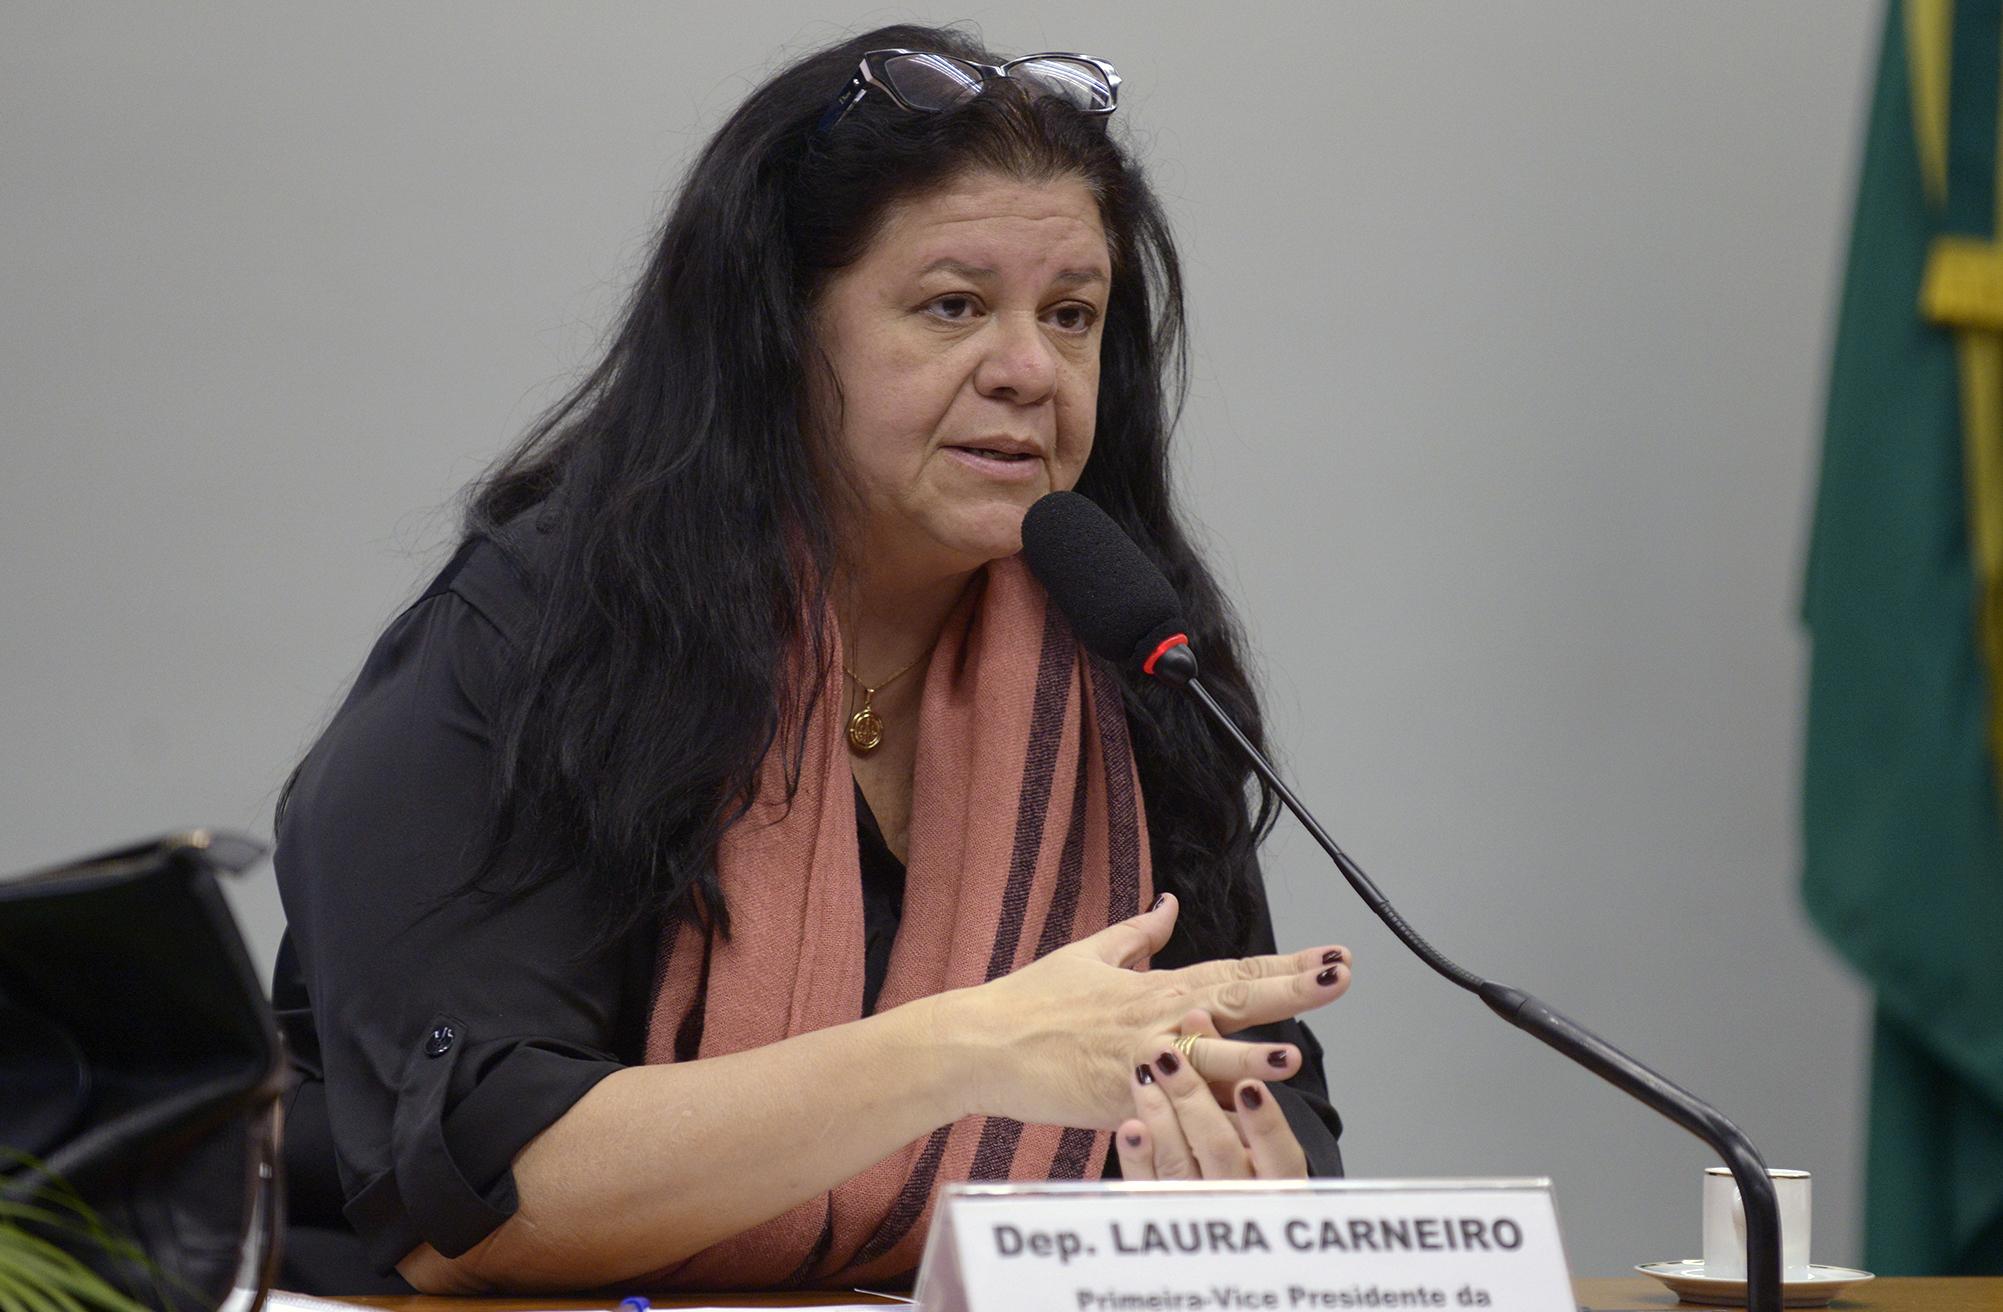 Reunião Ordinária. Dep. Laura Carneiro (PMDB - RJ)